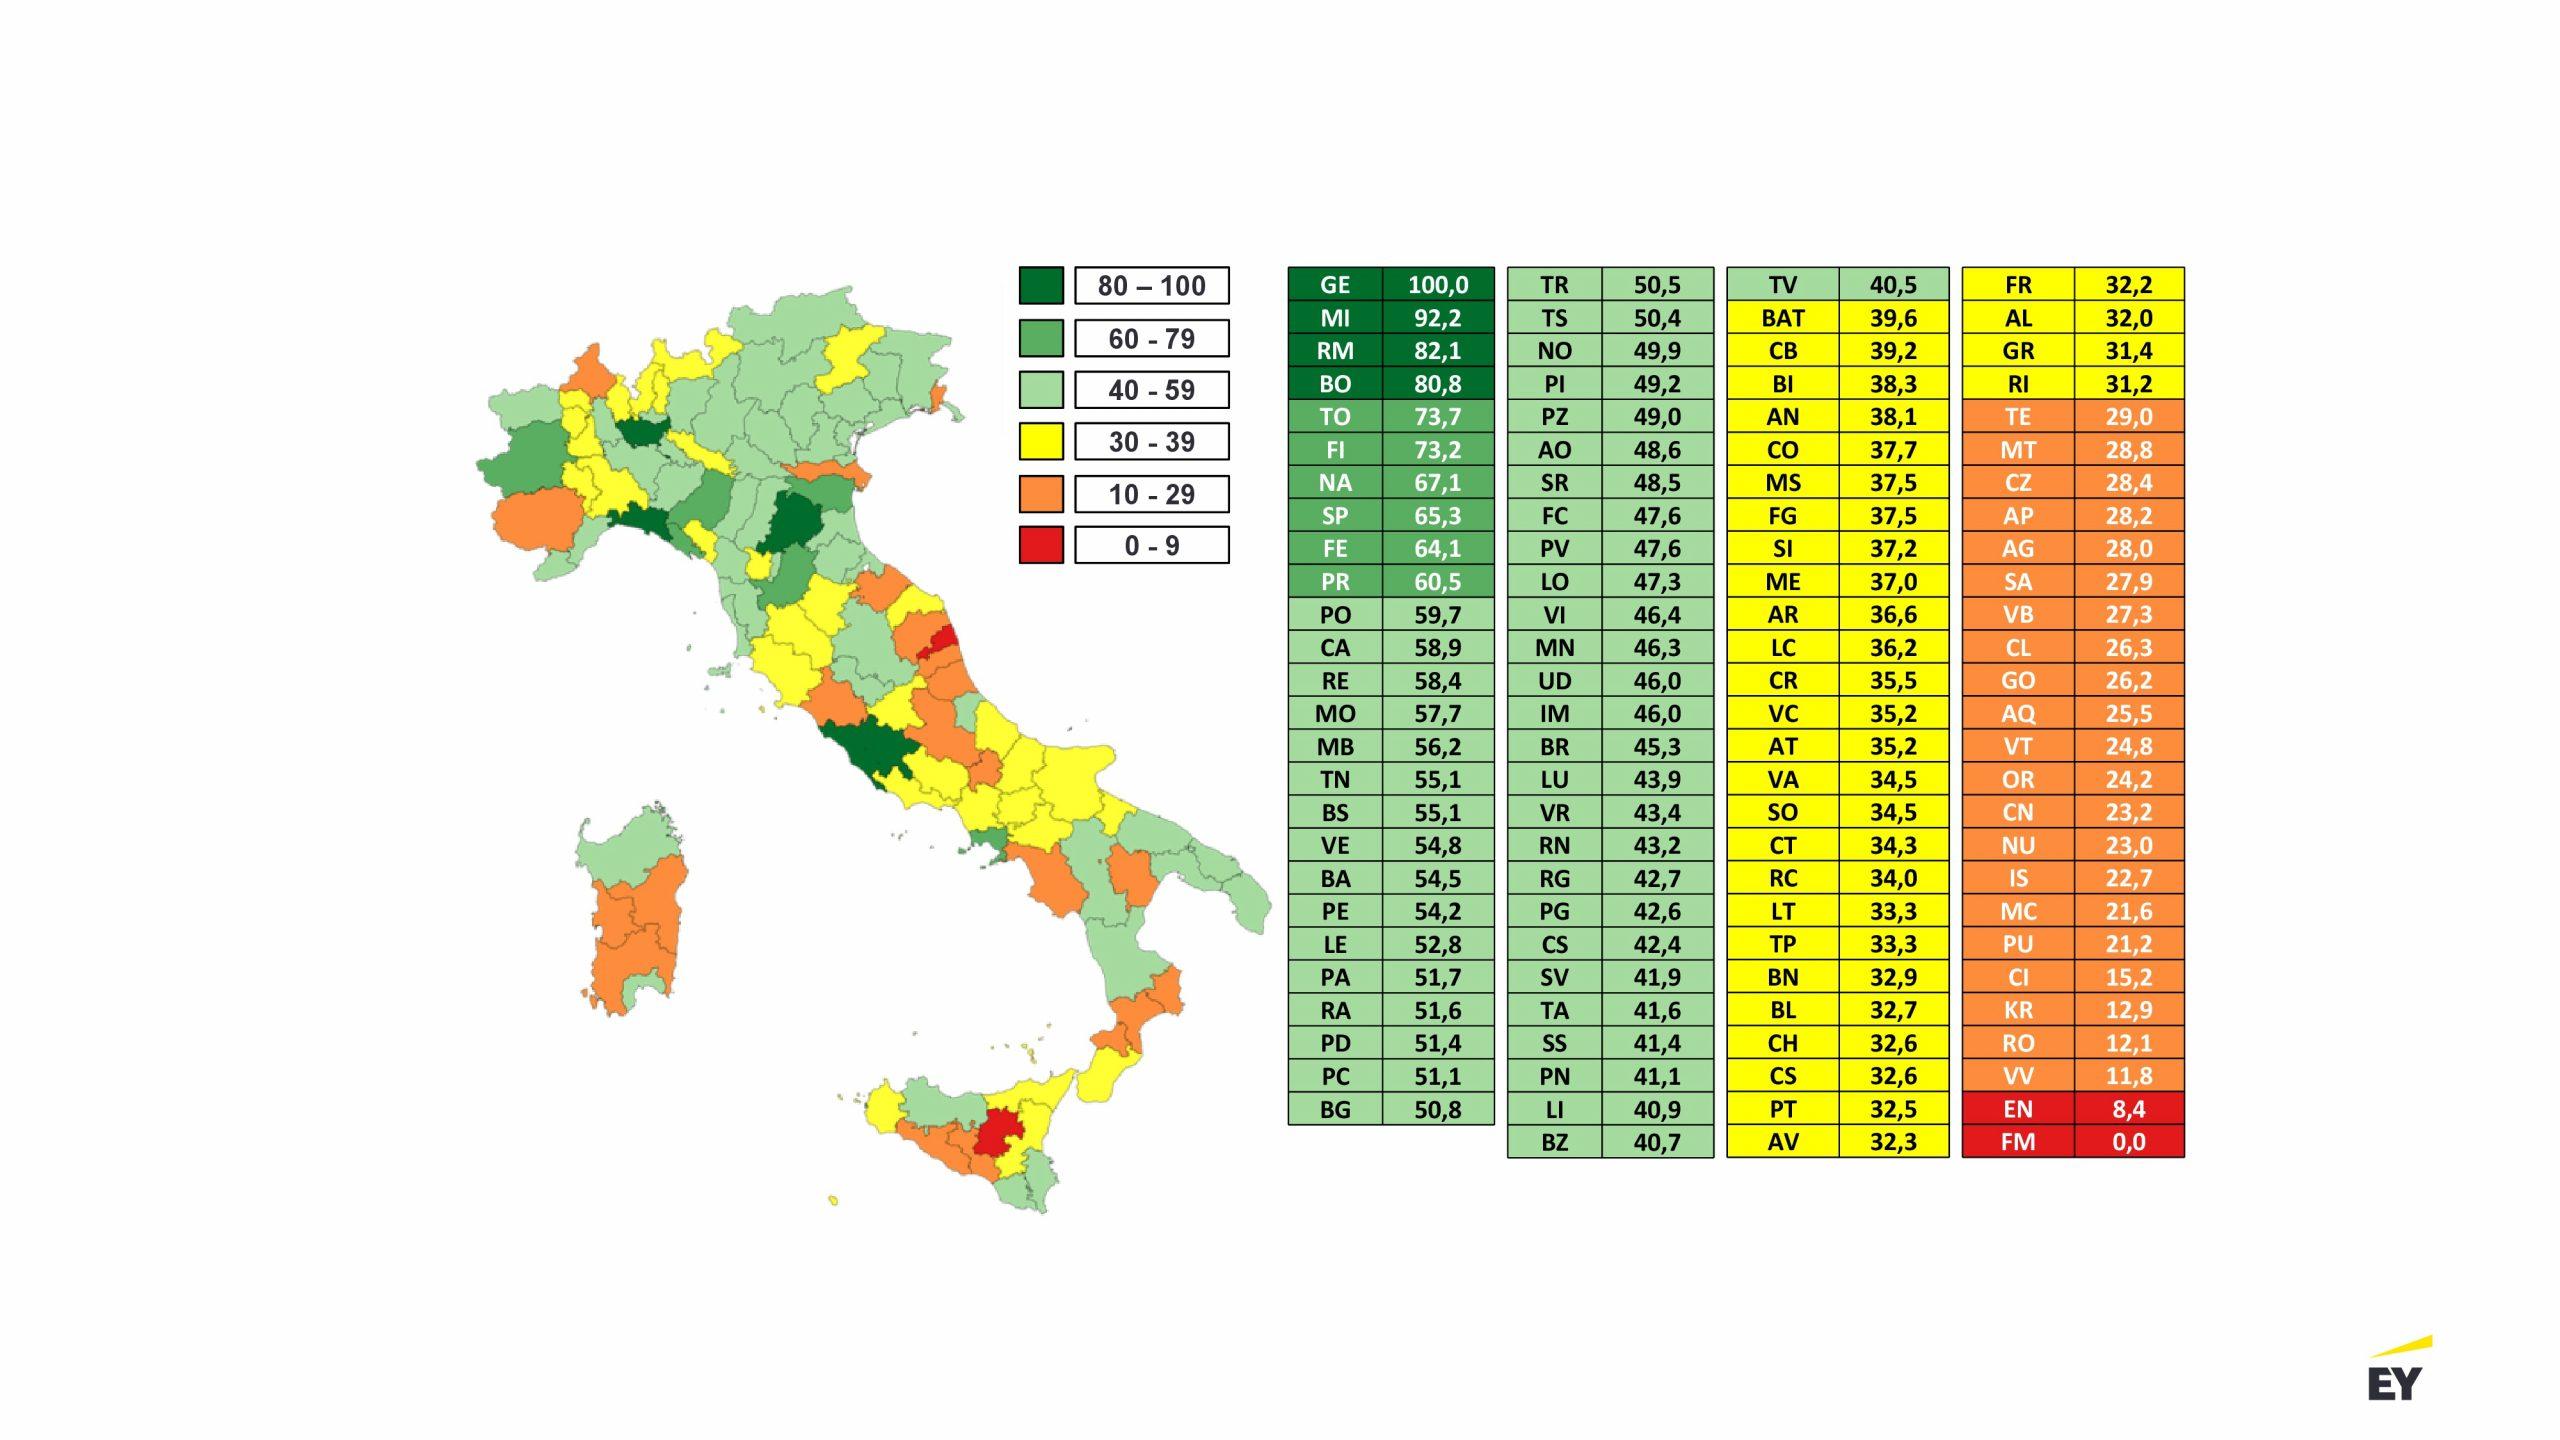 Infrastrutture TLC e broadband: la digitalizzazione delle province italiane